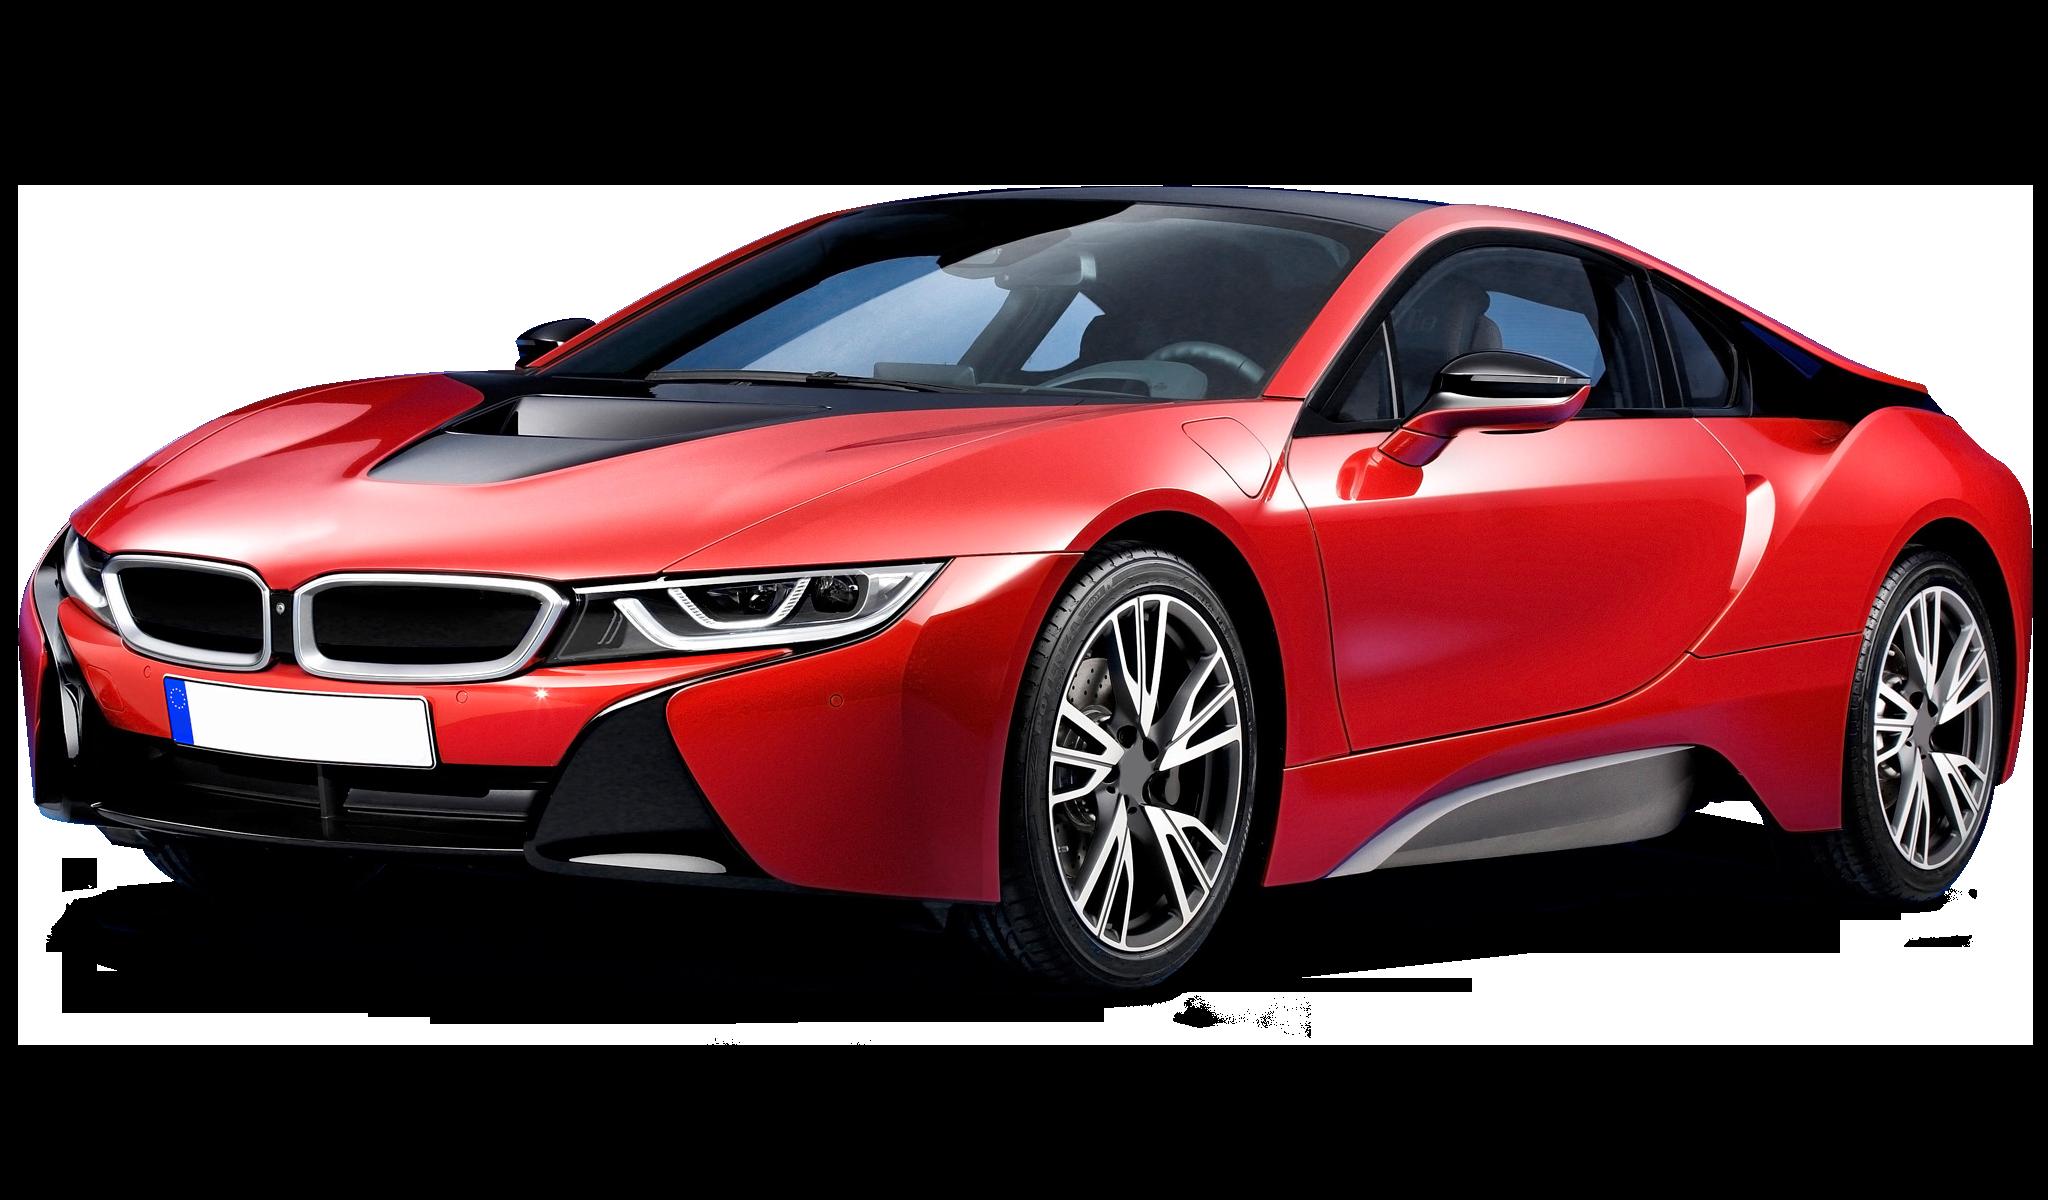 réparation-voiture-luxe-qualite